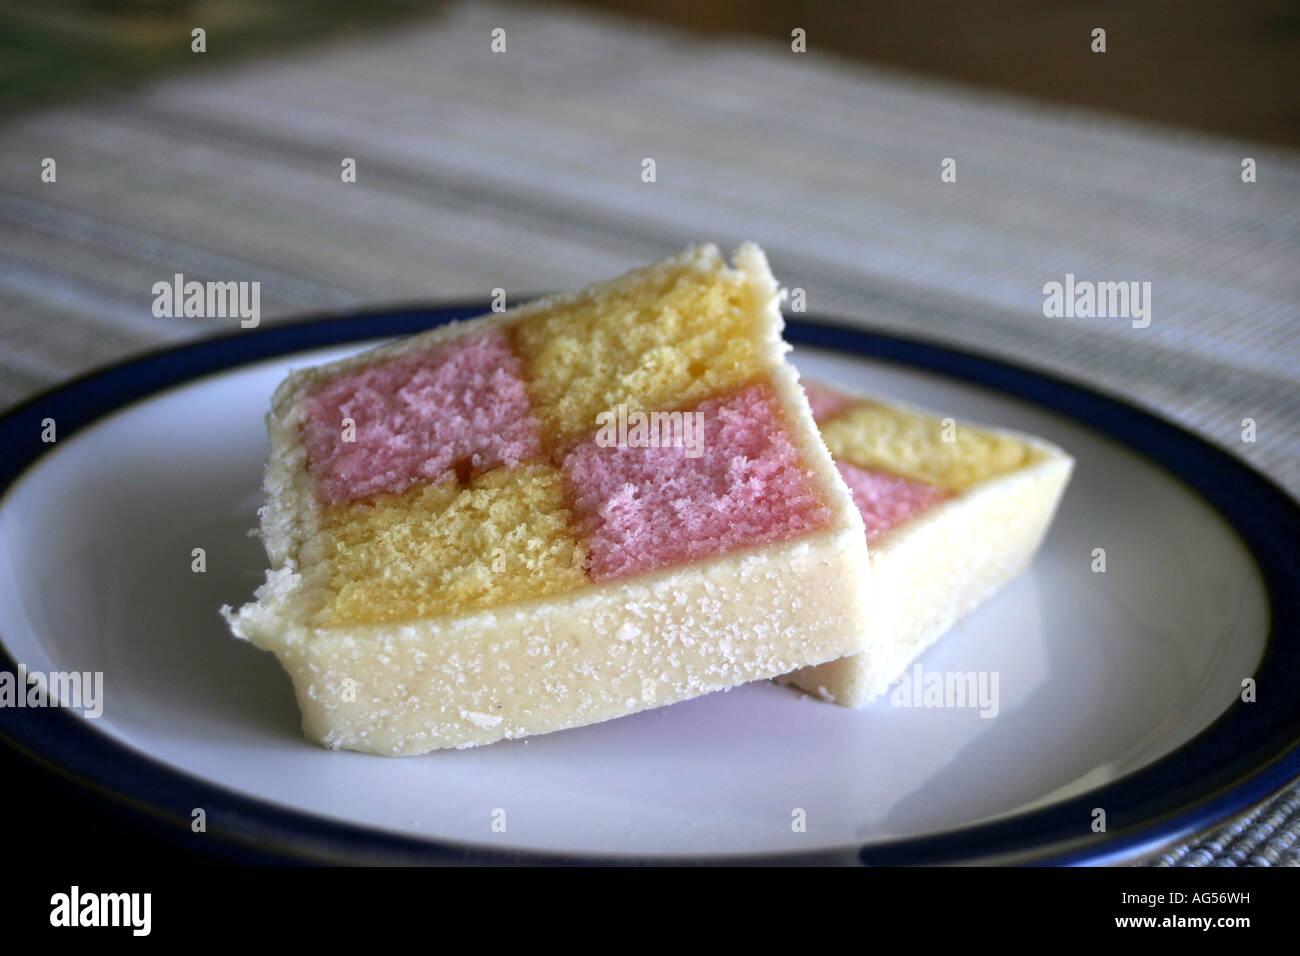 Battenburg cake waiting to be eaten. - Stock Image